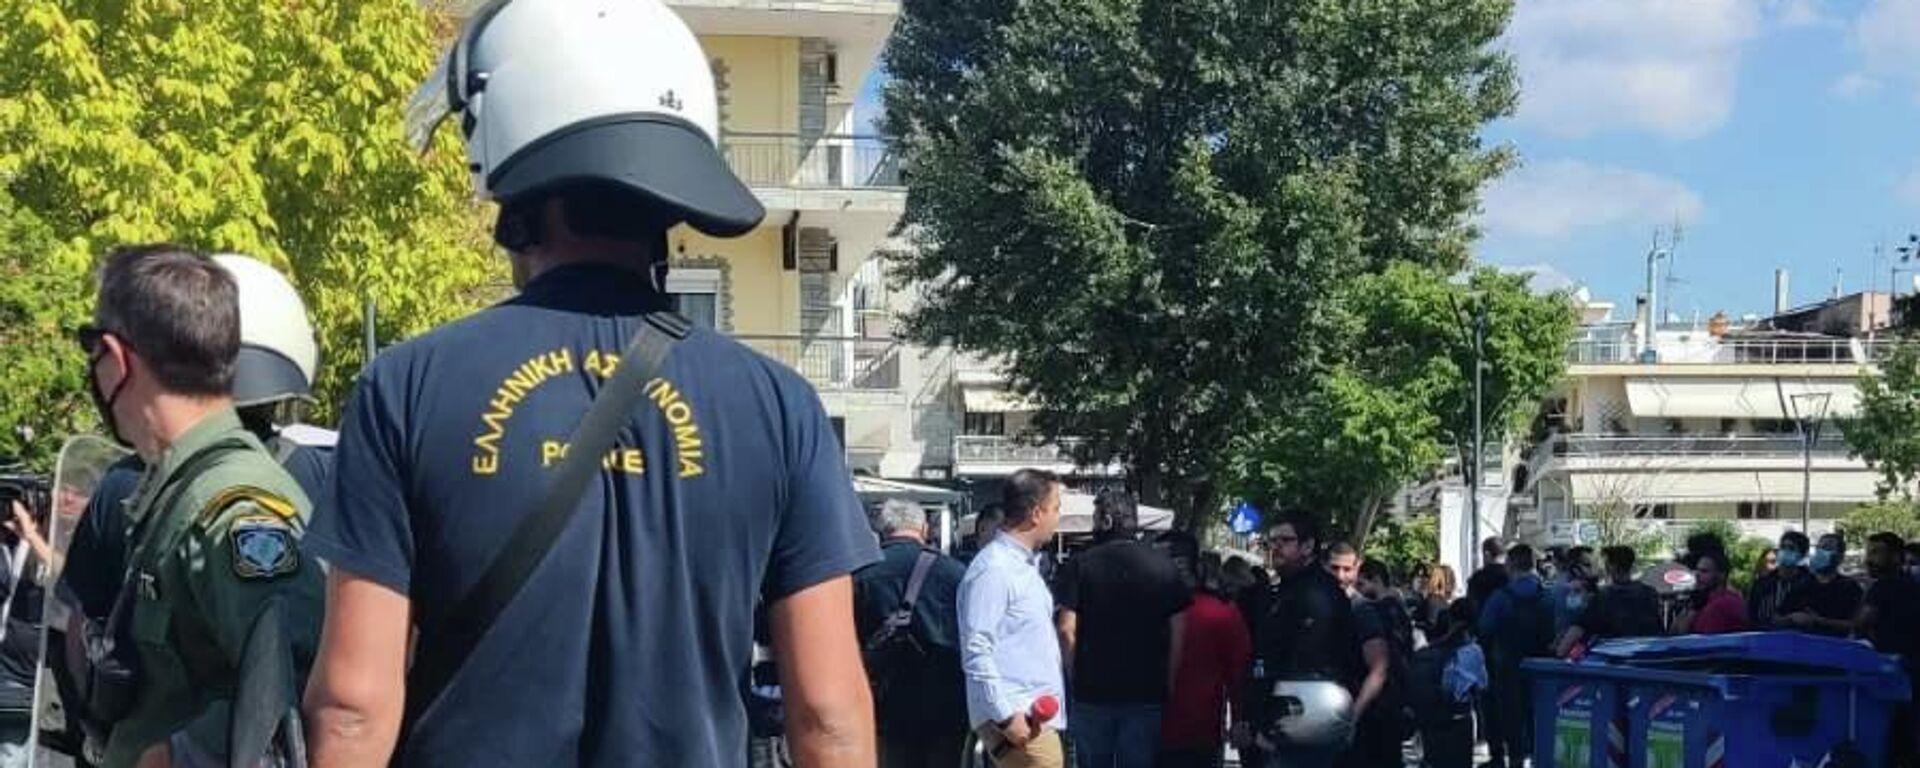 Ακροδεξιοί επιτέθηκαν σε μέλη της ΚΝΕ στην Ηλιούπολη Θεσσαλονίκης - Sputnik Ελλάδα, 1920, 03.10.2021